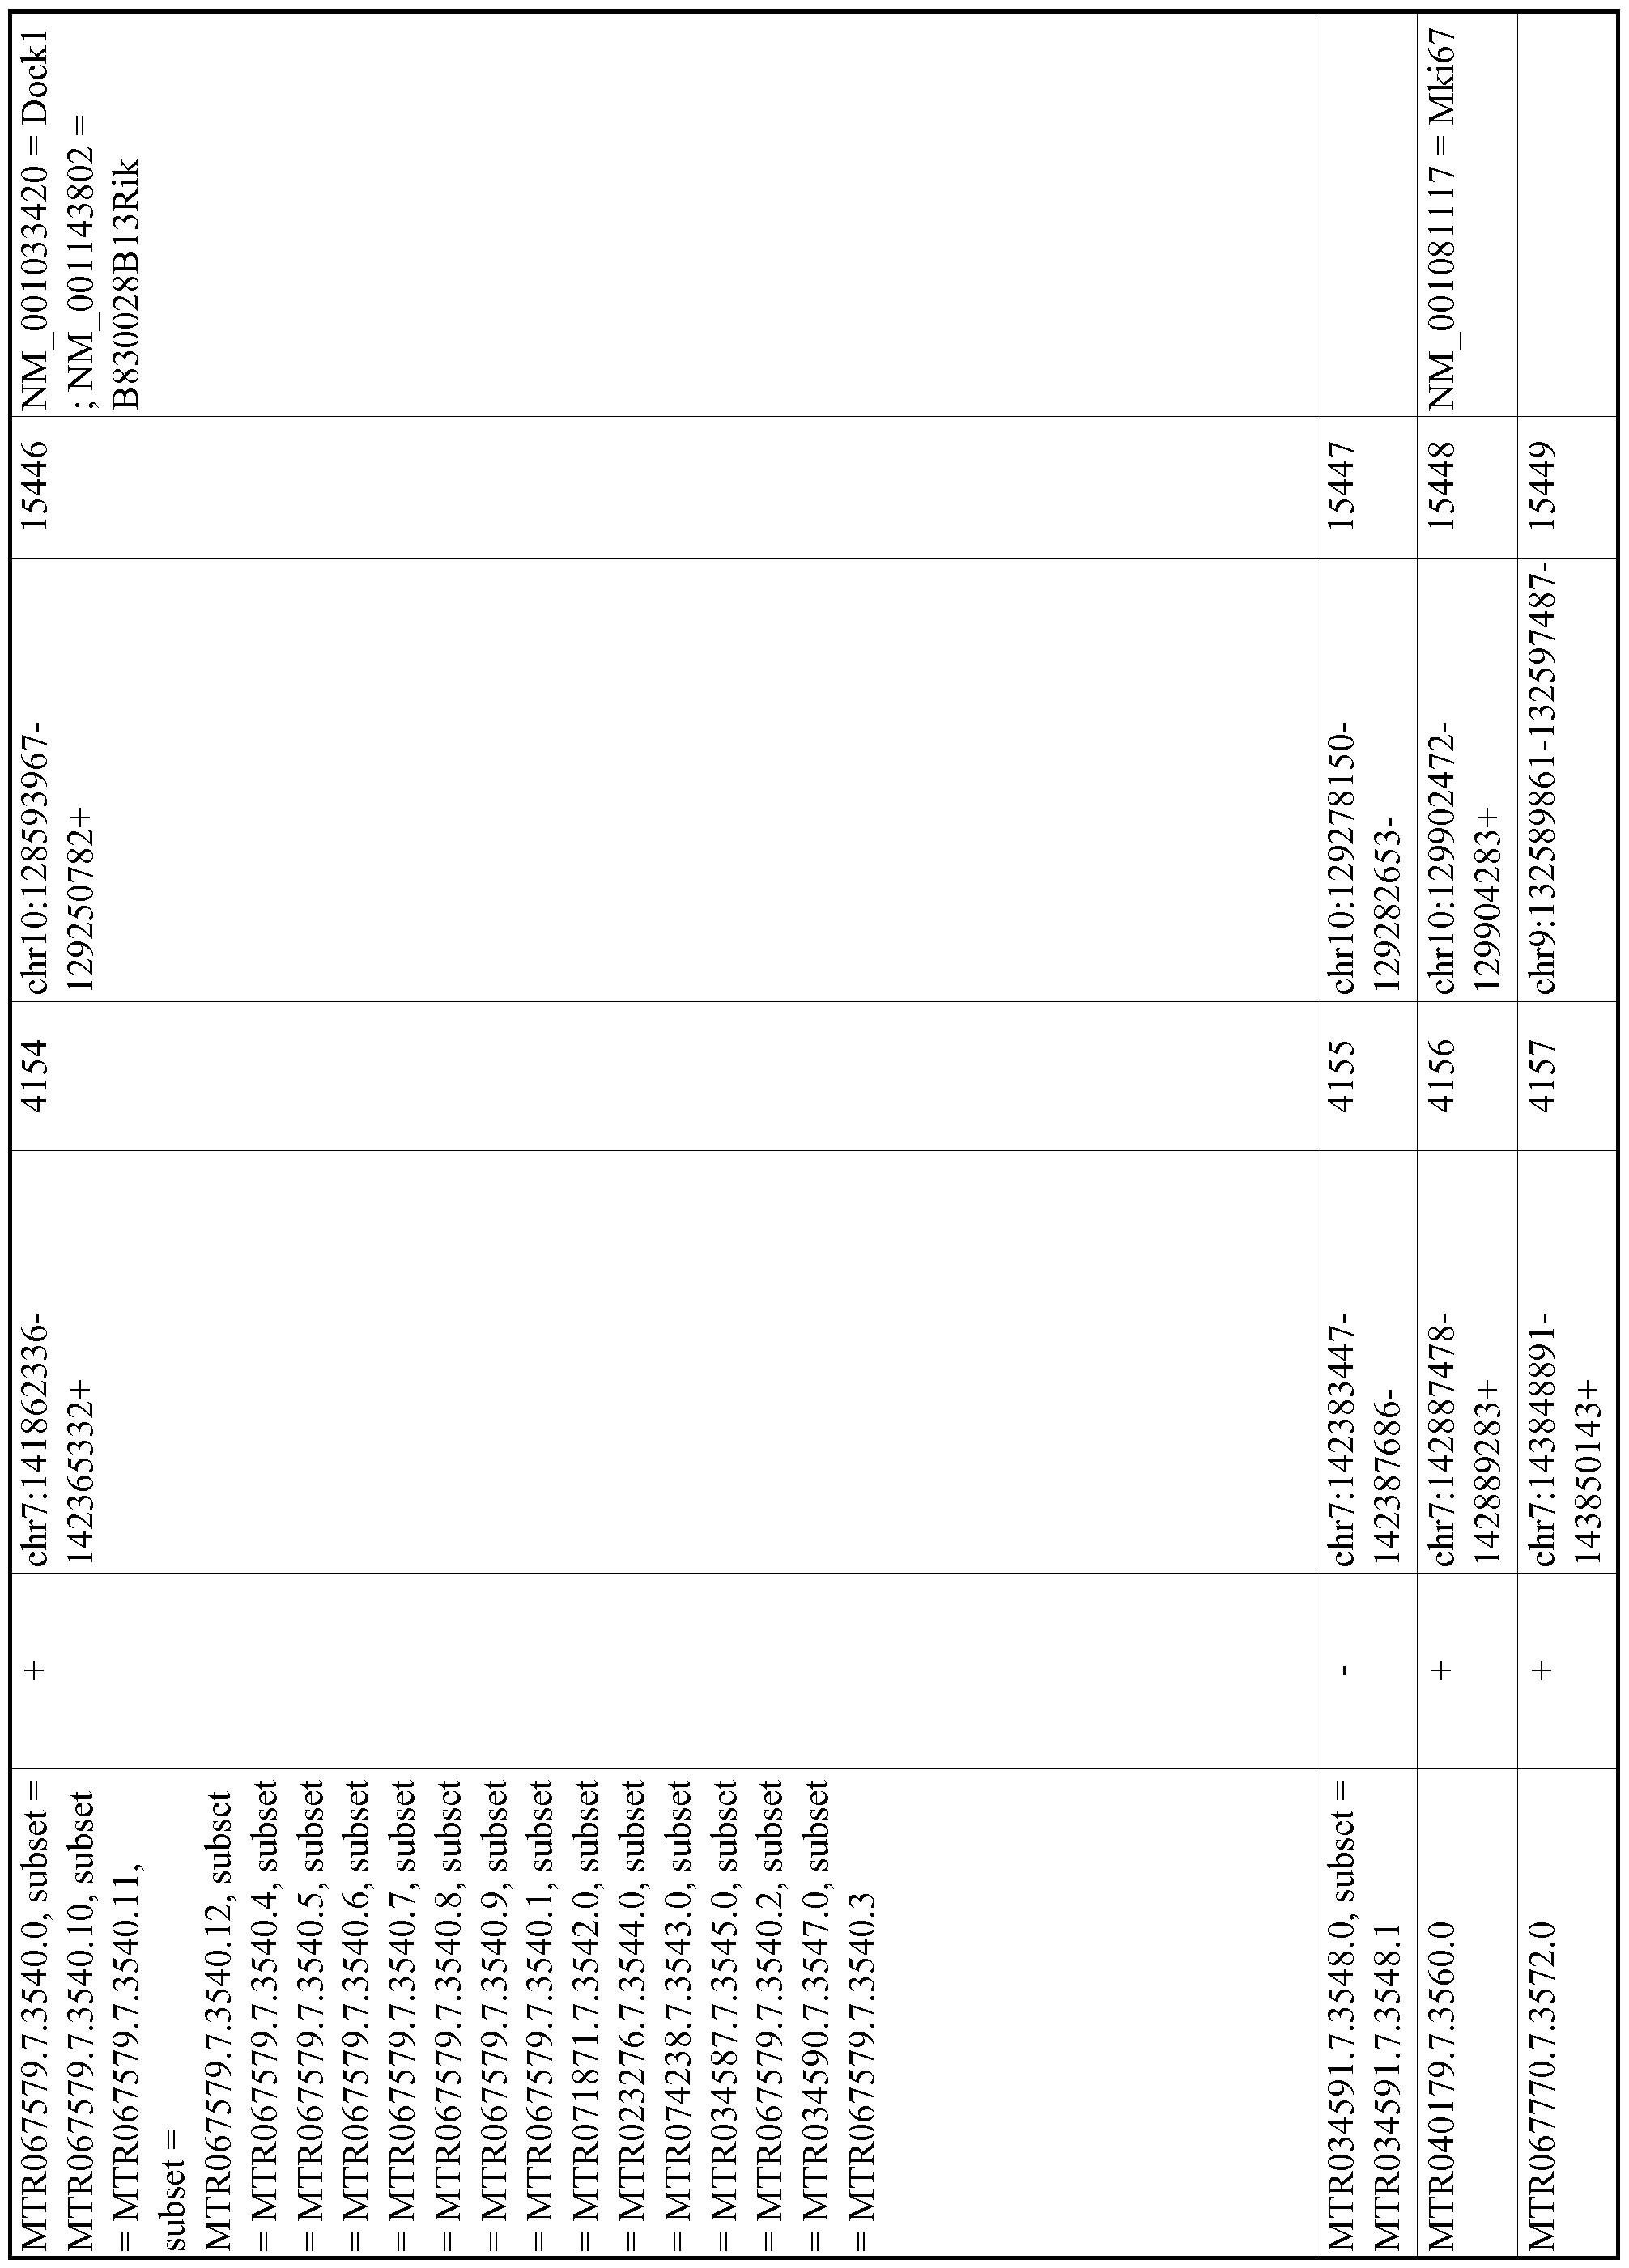 Figure imgf000785_0001